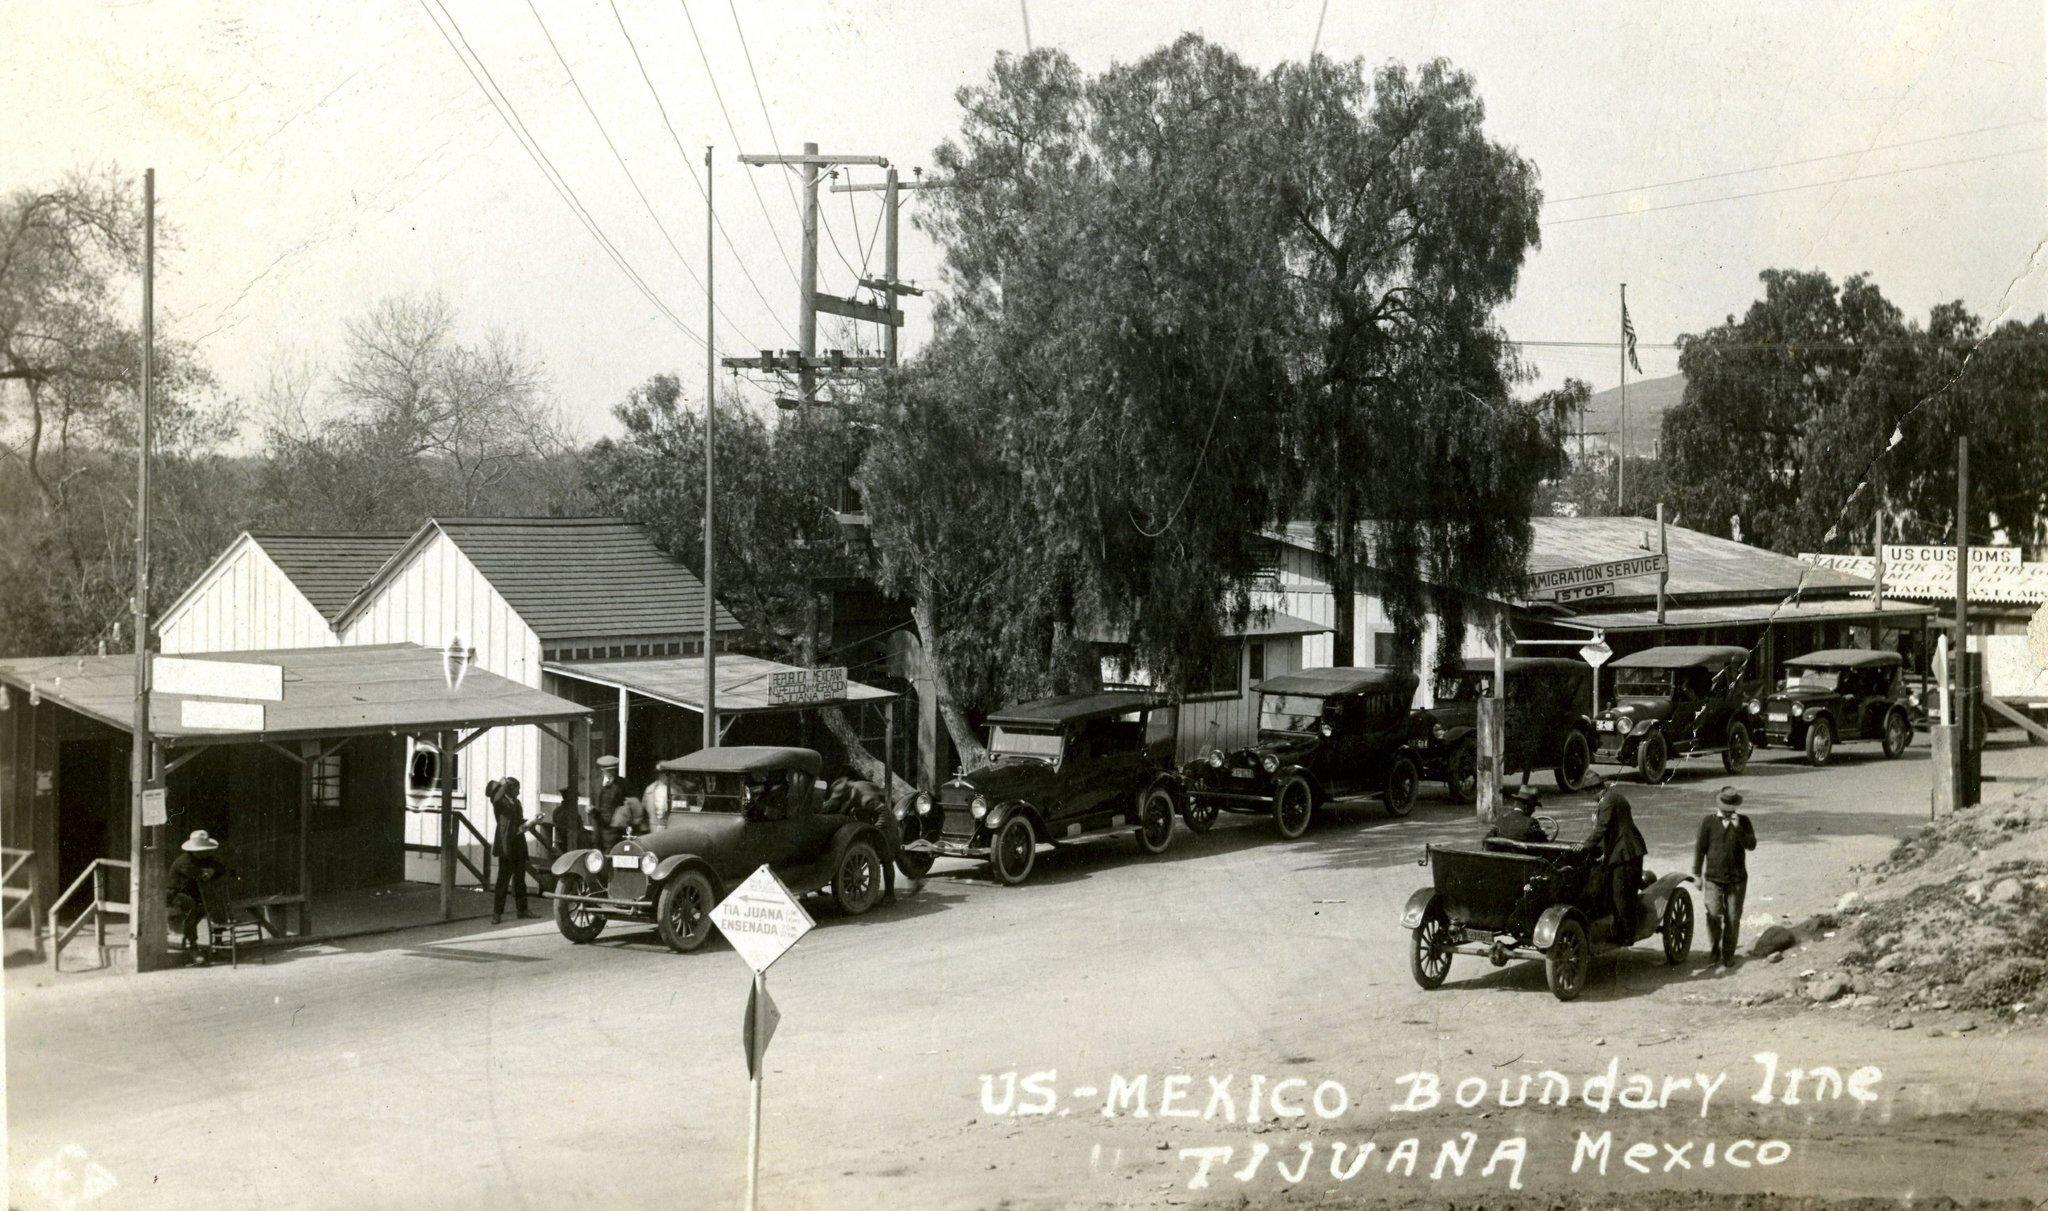 Unity division marks San DiegoTijuana border history